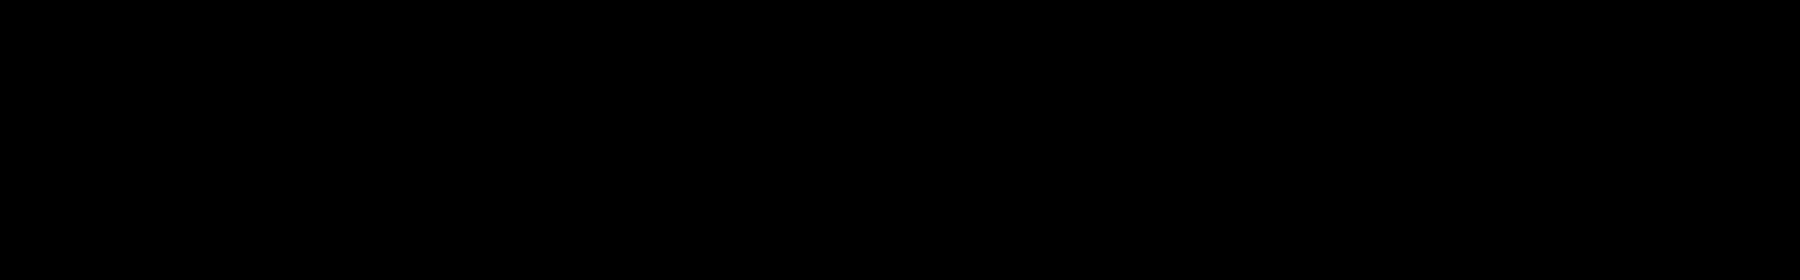 The Drop audio waveform